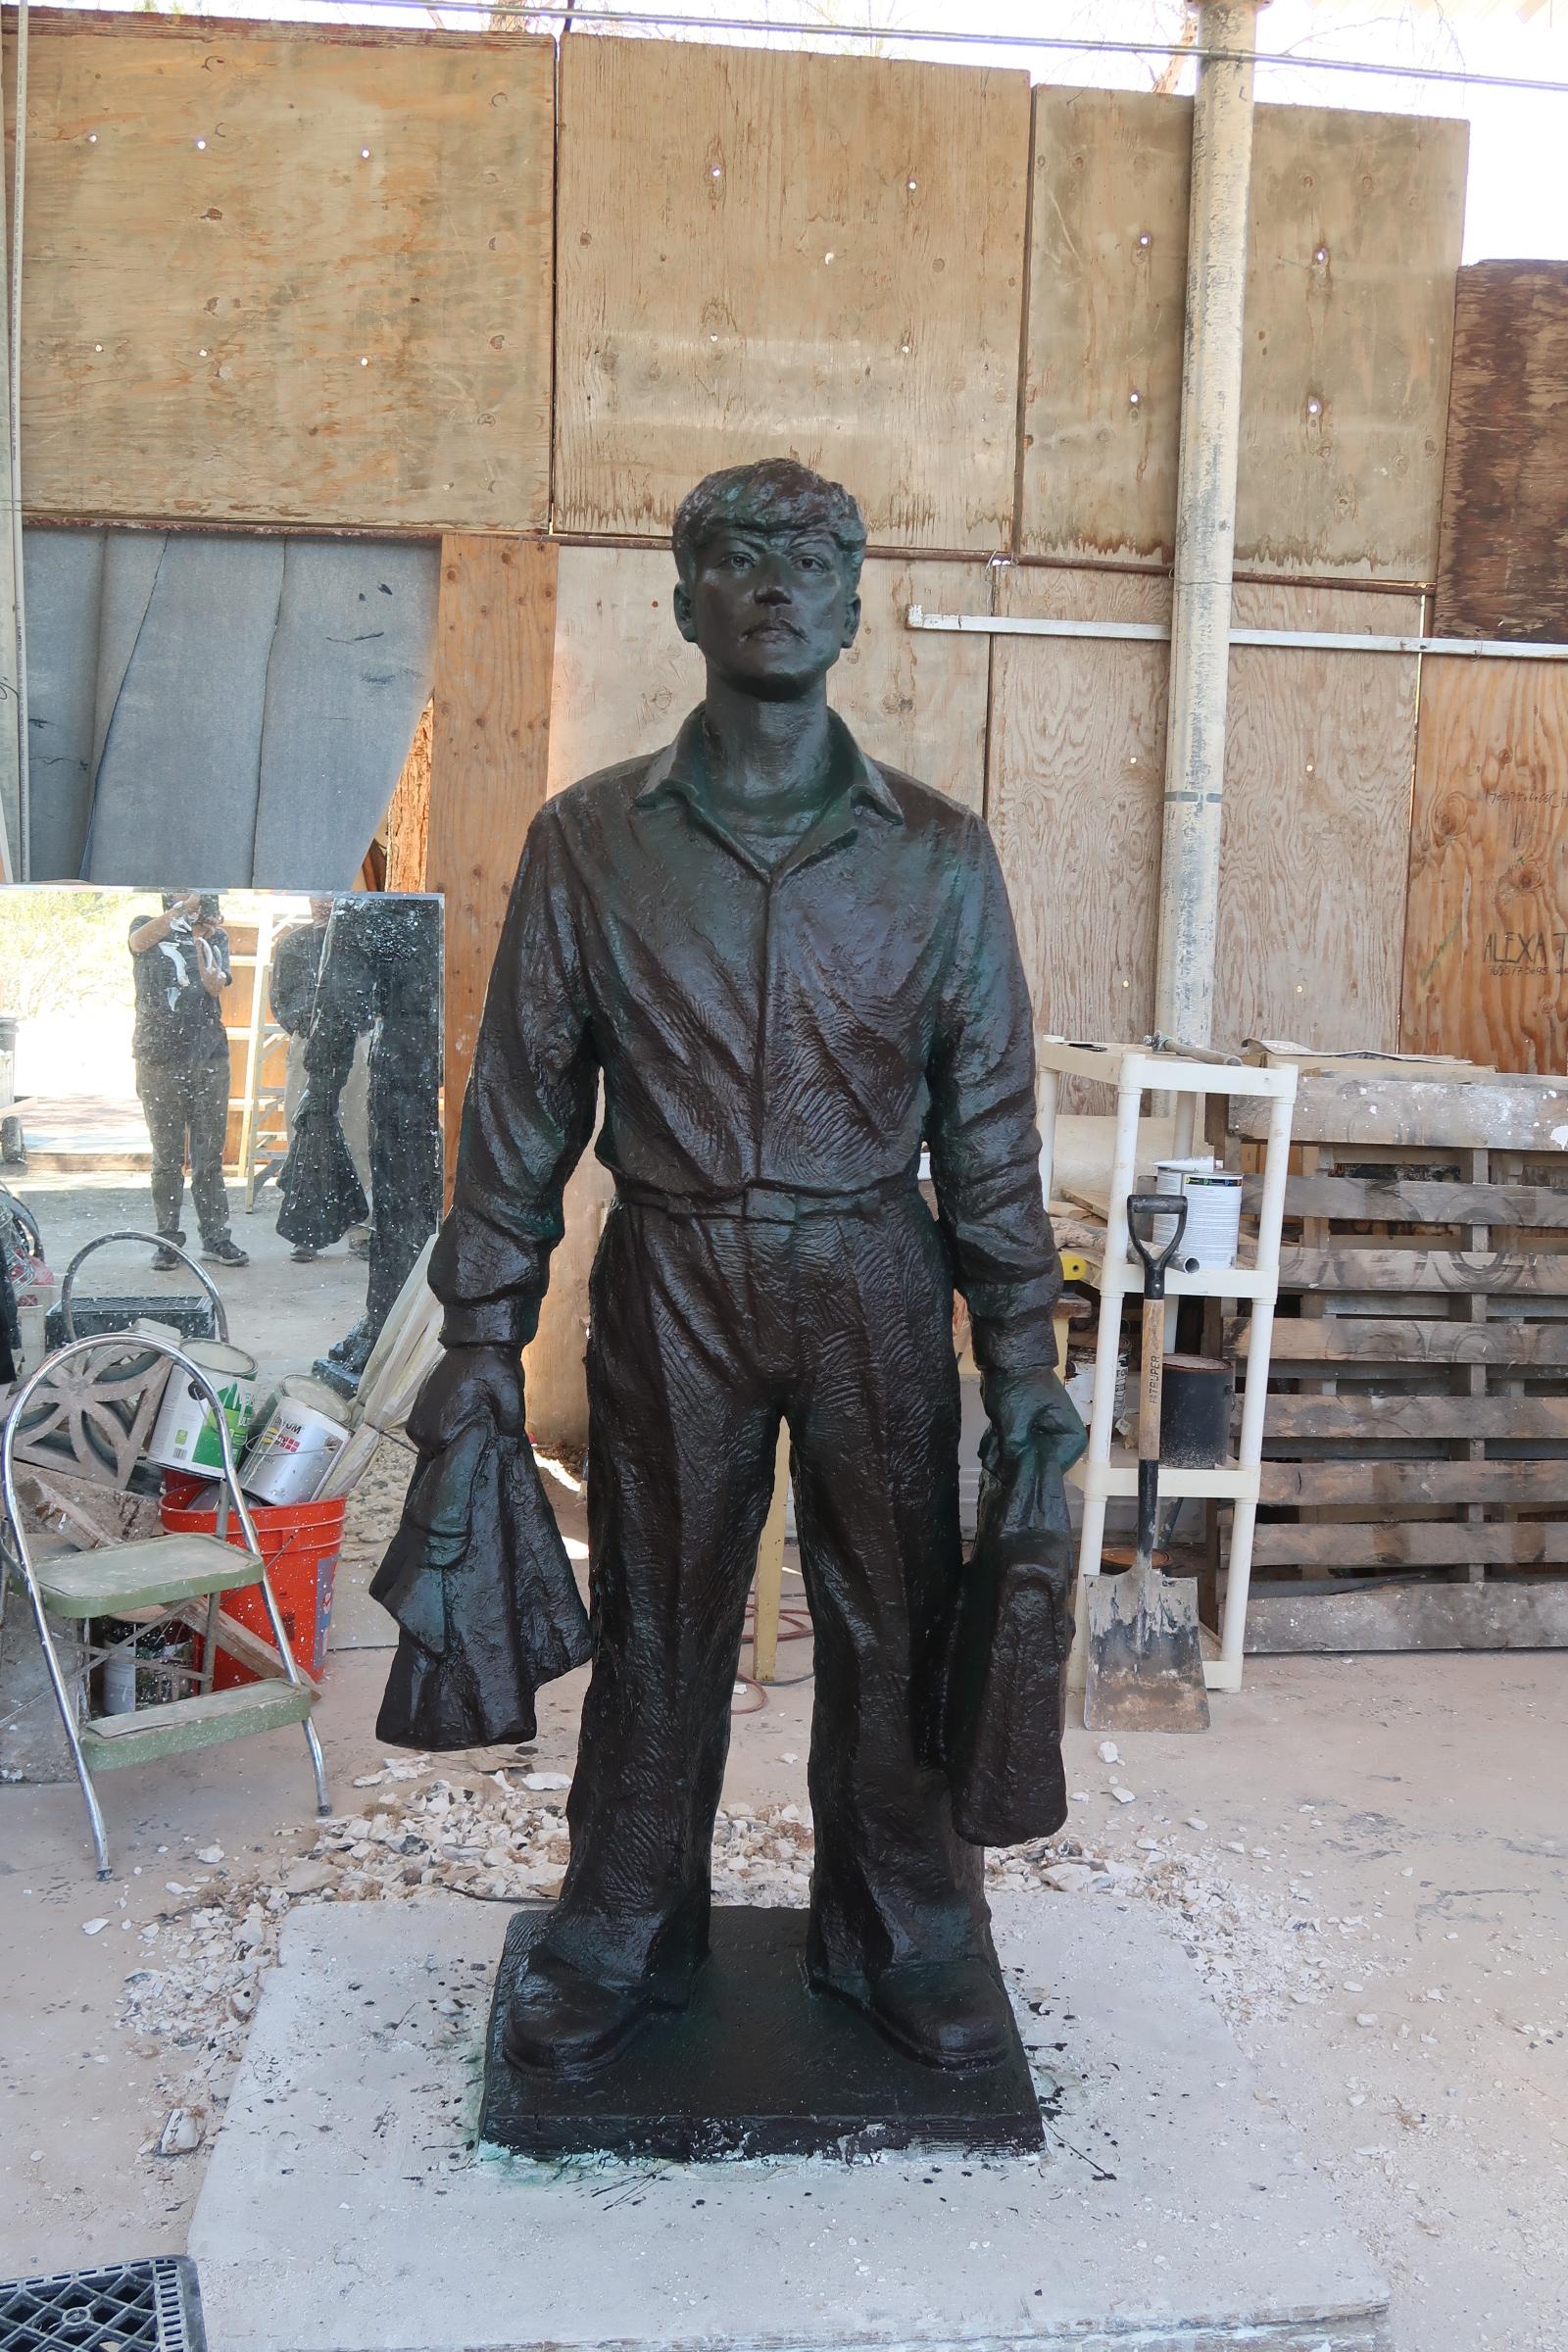 全球首座「王維林擋坦克」雕塑預計於「六四」紀念日在美國洛杉磯「自由雕塑公園」與觀眾見面。(徐繡惠/大紀元)